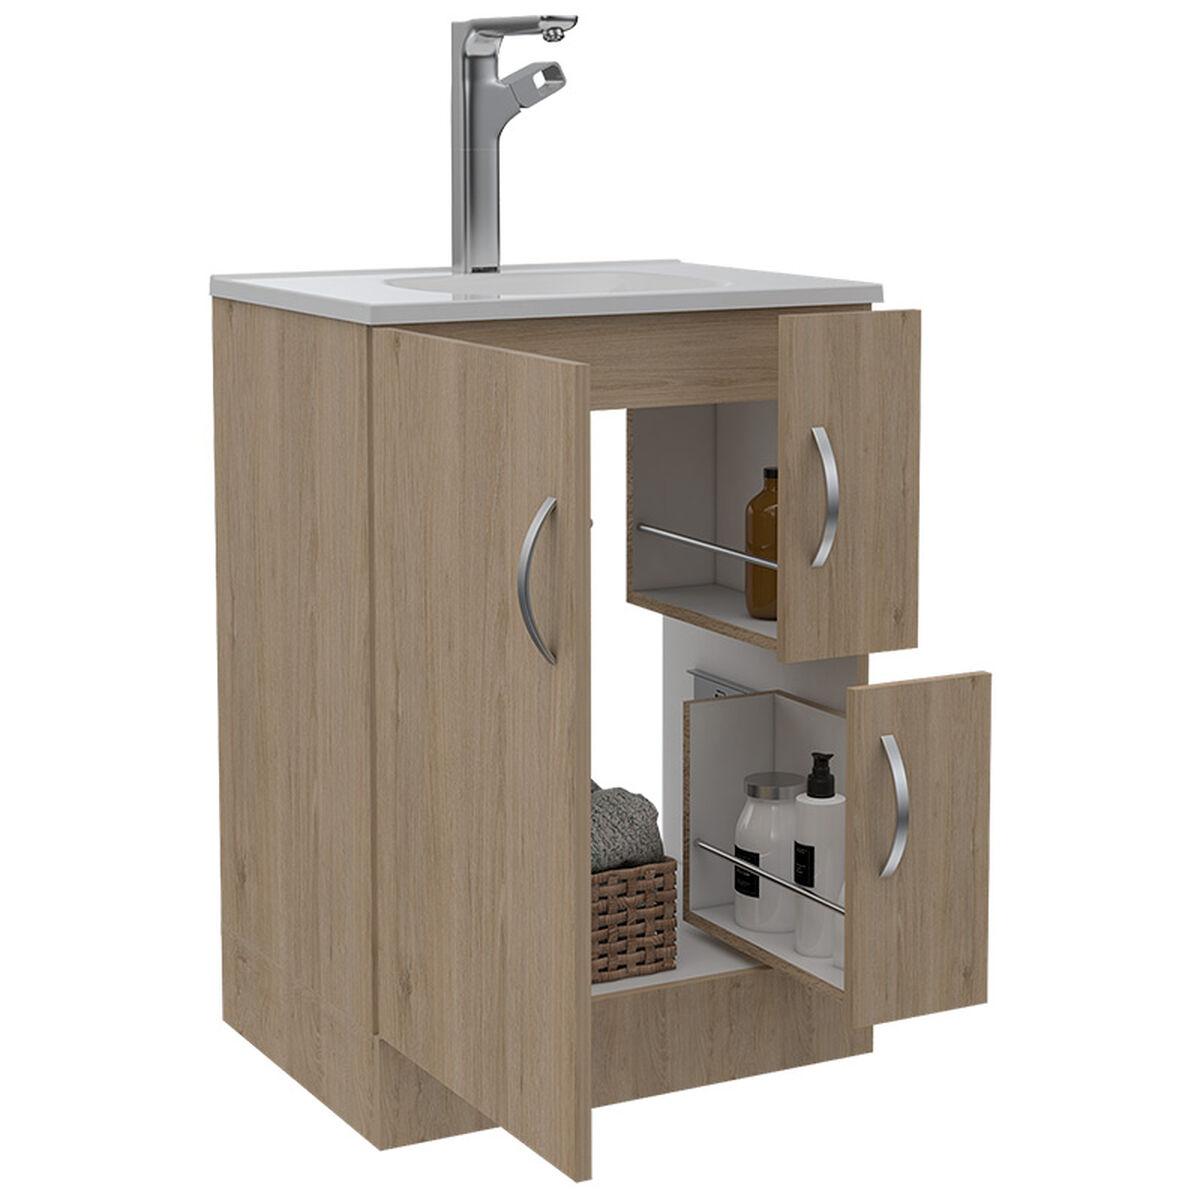 Set Muebles Torre de Baño + Mueble + Espejo de Baño + Lavamanos